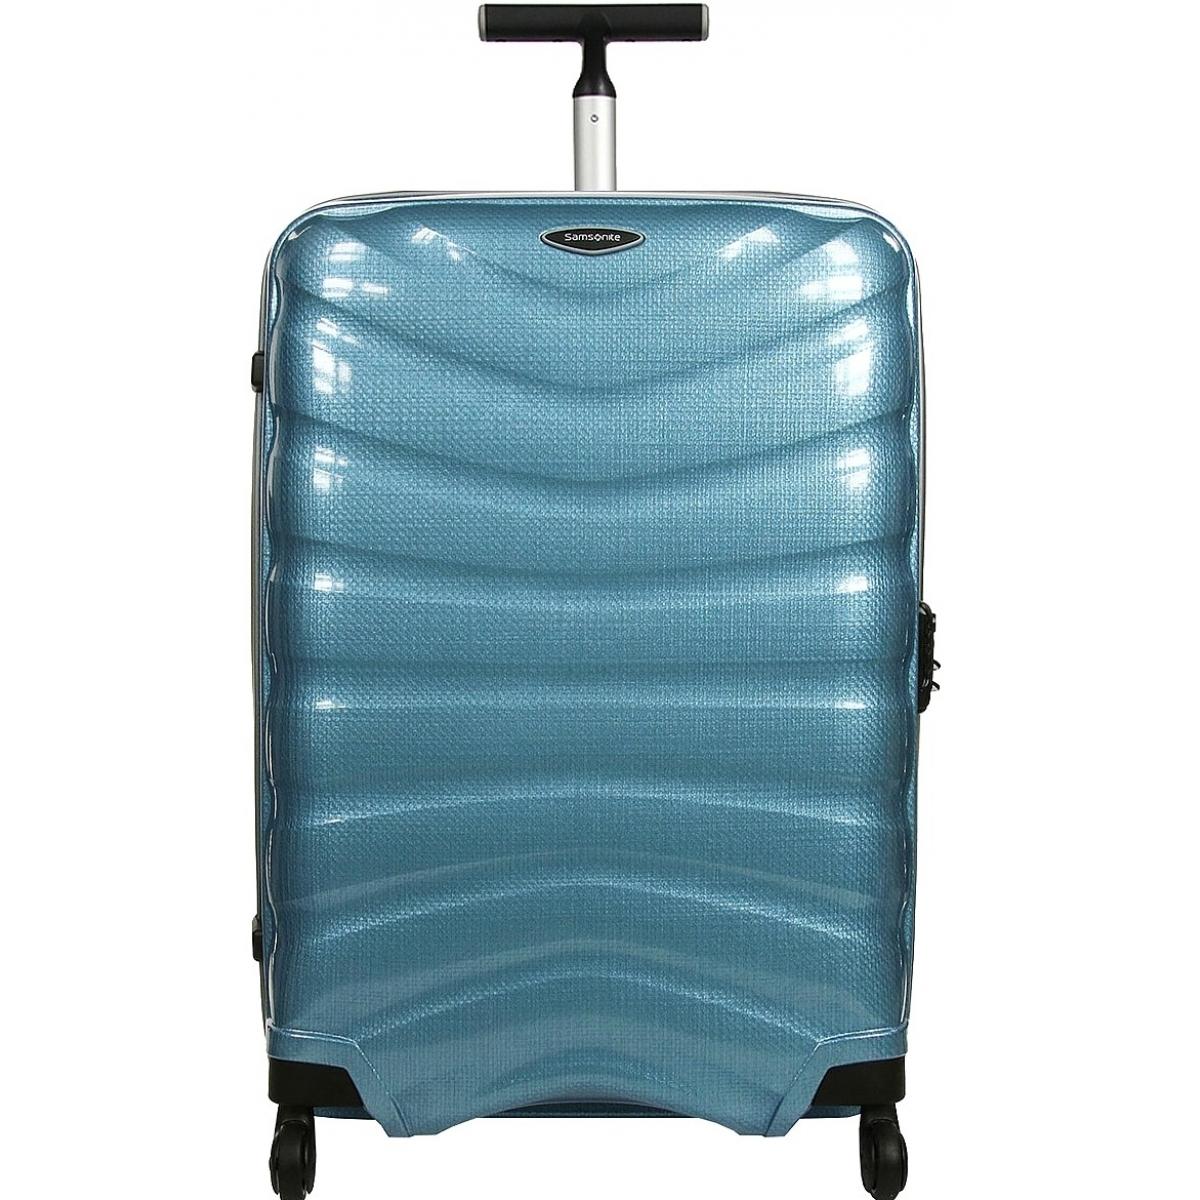 Valise Samsonite Firelite Spinner - Bleu Ciel, 4 Roues (69 cm)